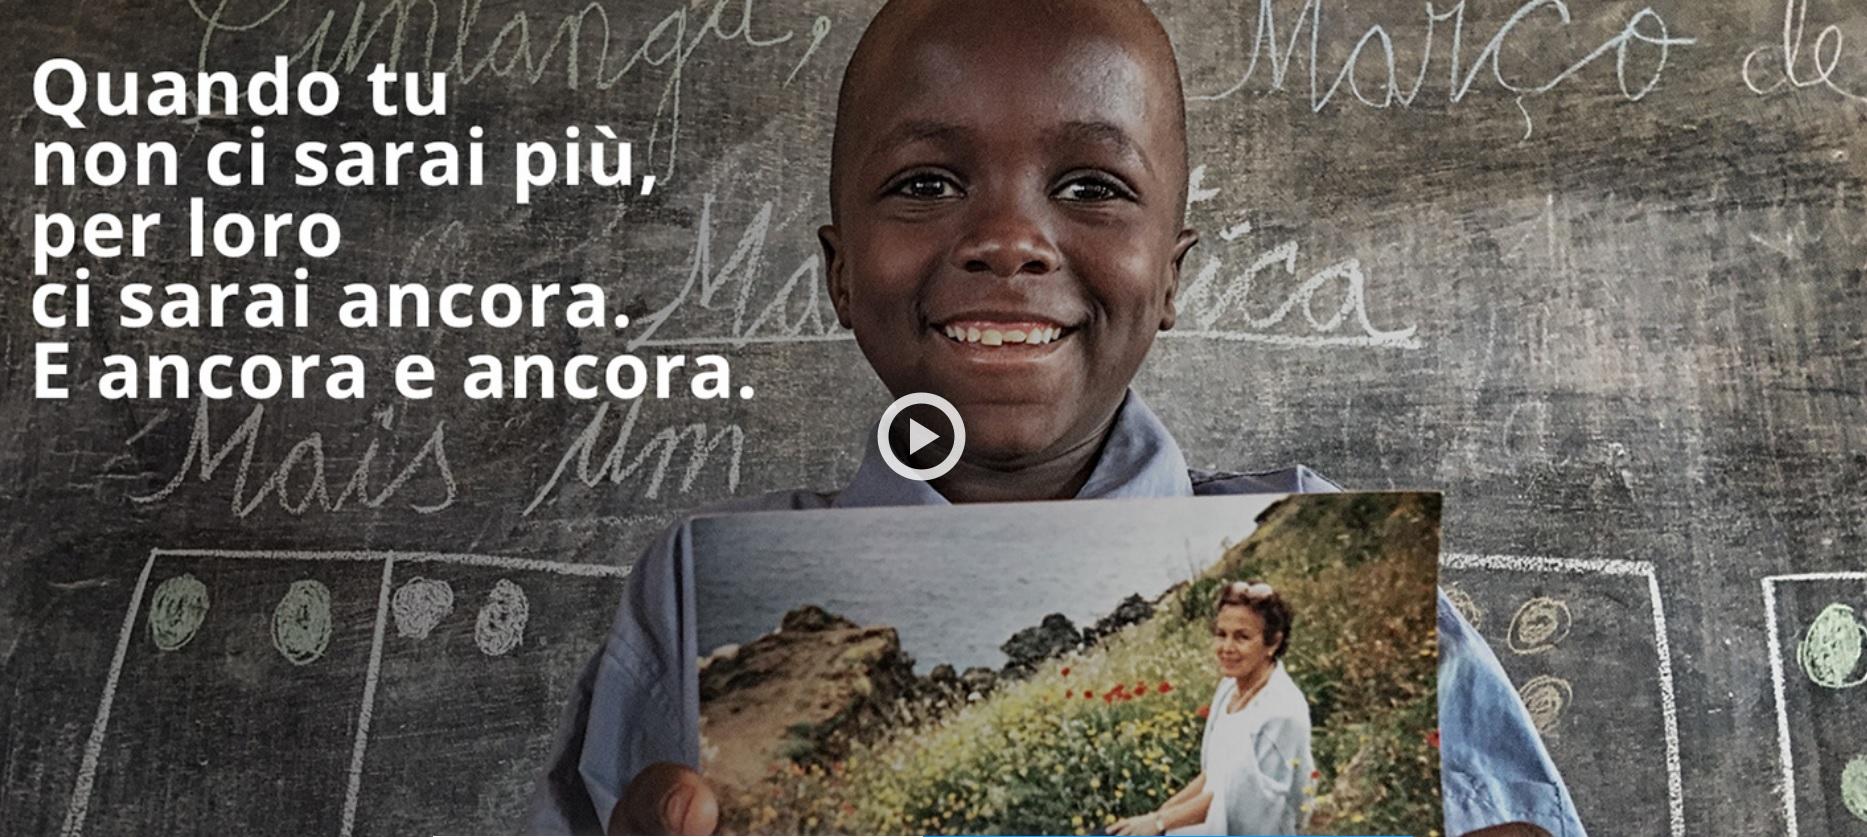 GIORNATA INTERNAZIONALE DEI LASCITI SOLIDALI: L'IMPEGNO DI UNICEF ITALIA